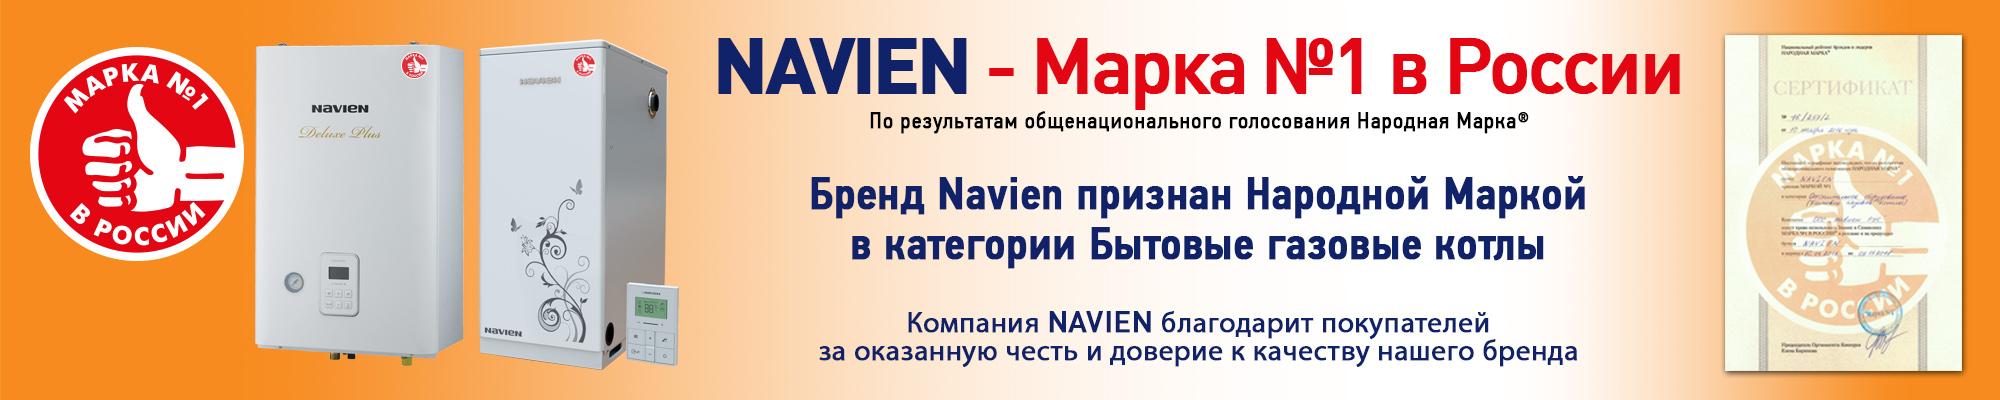 Navien Народная марка